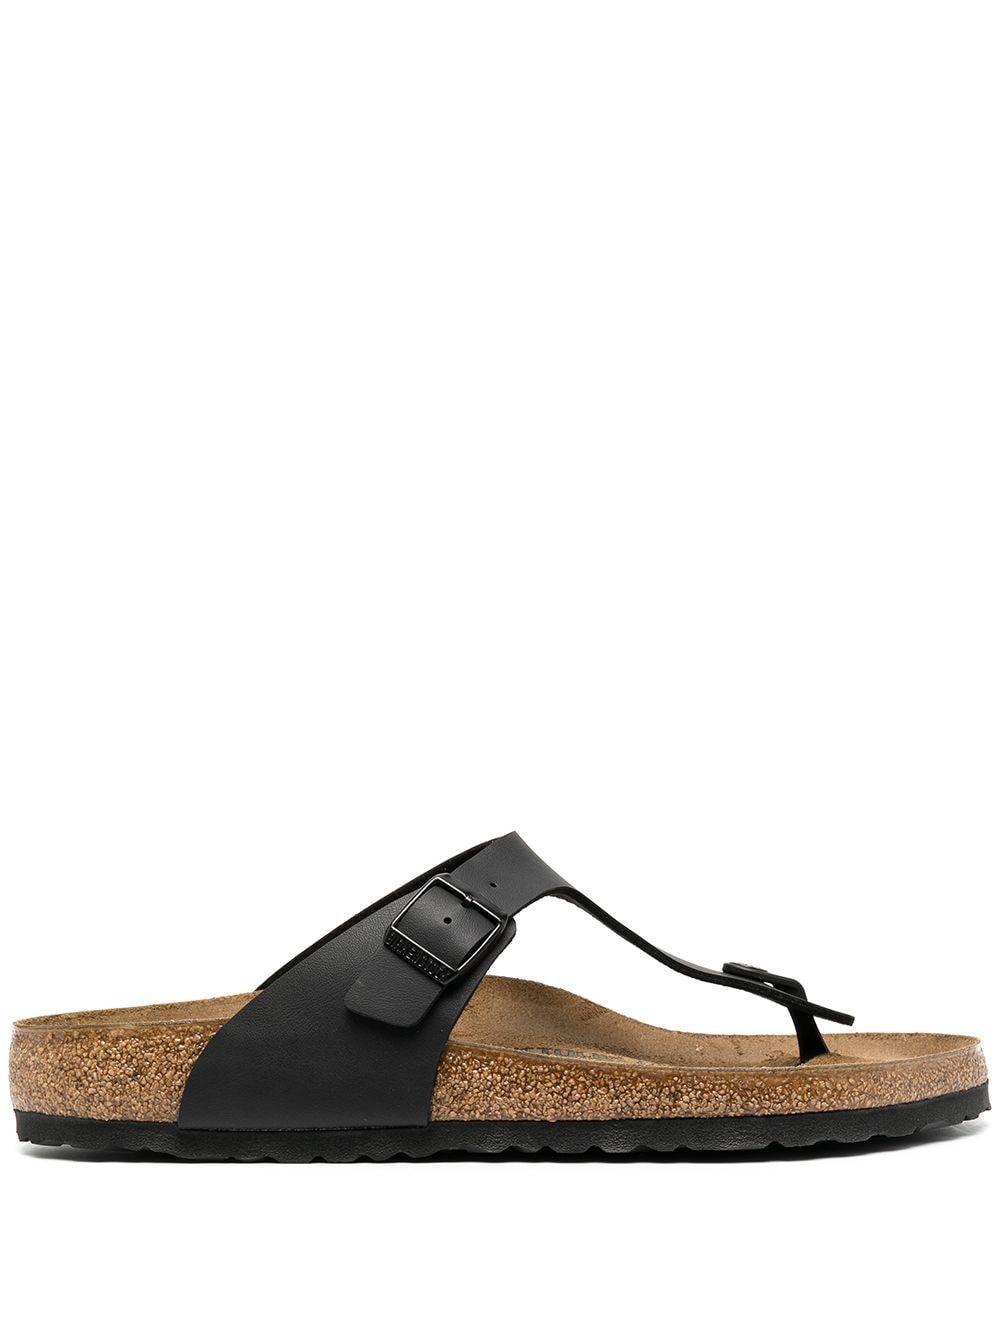 Sandalo gizeh birko flor